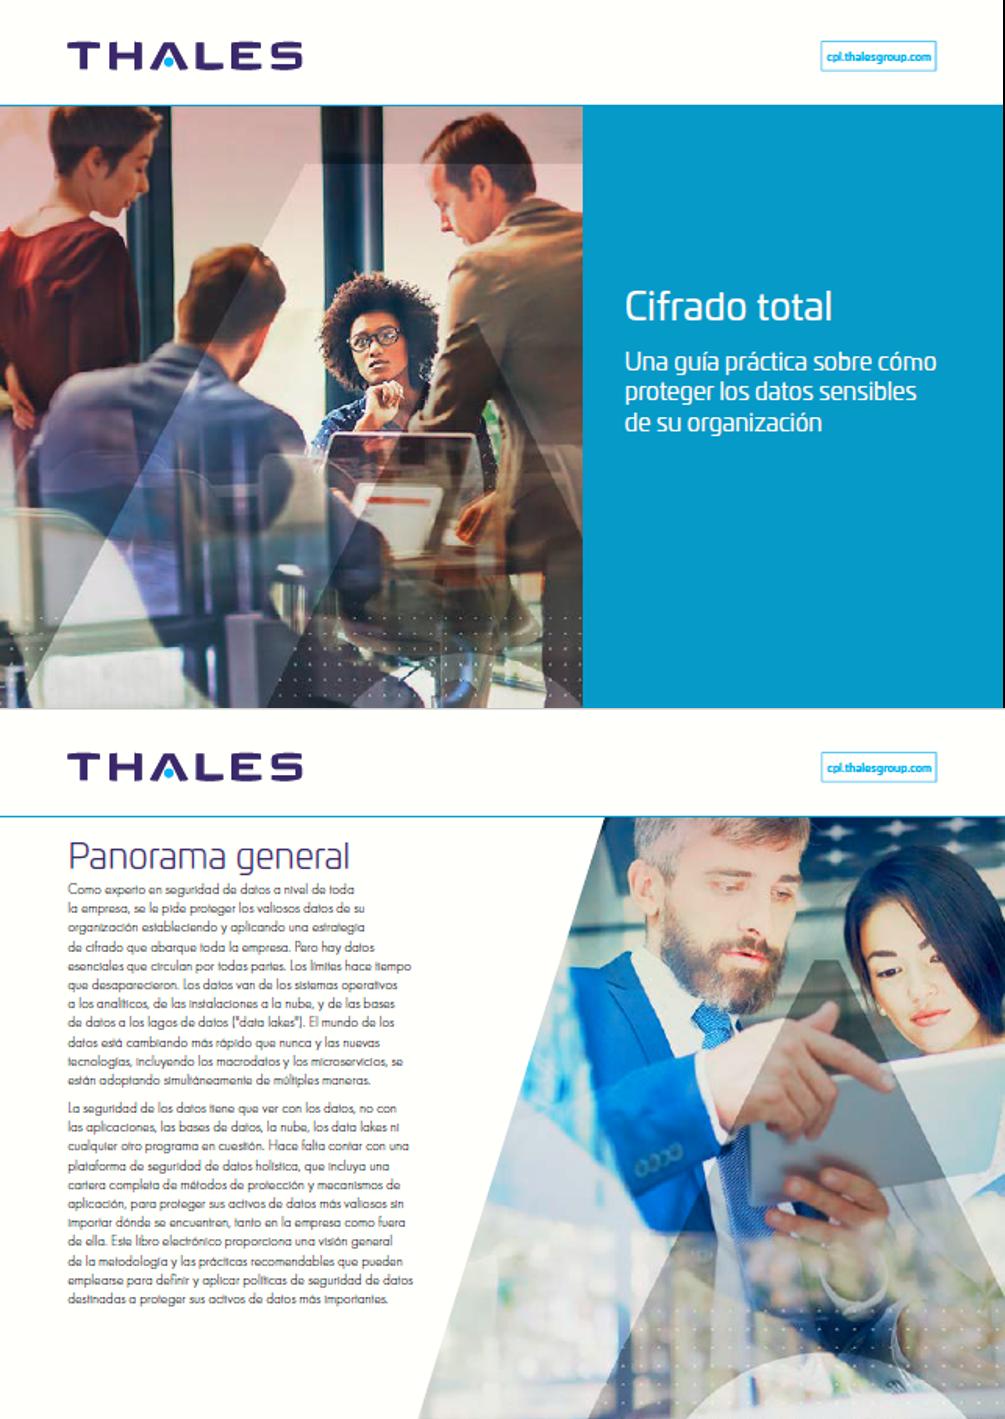 Cifrado total: Una guía práctica sobre cómo proteger los datos sensibles de su organización